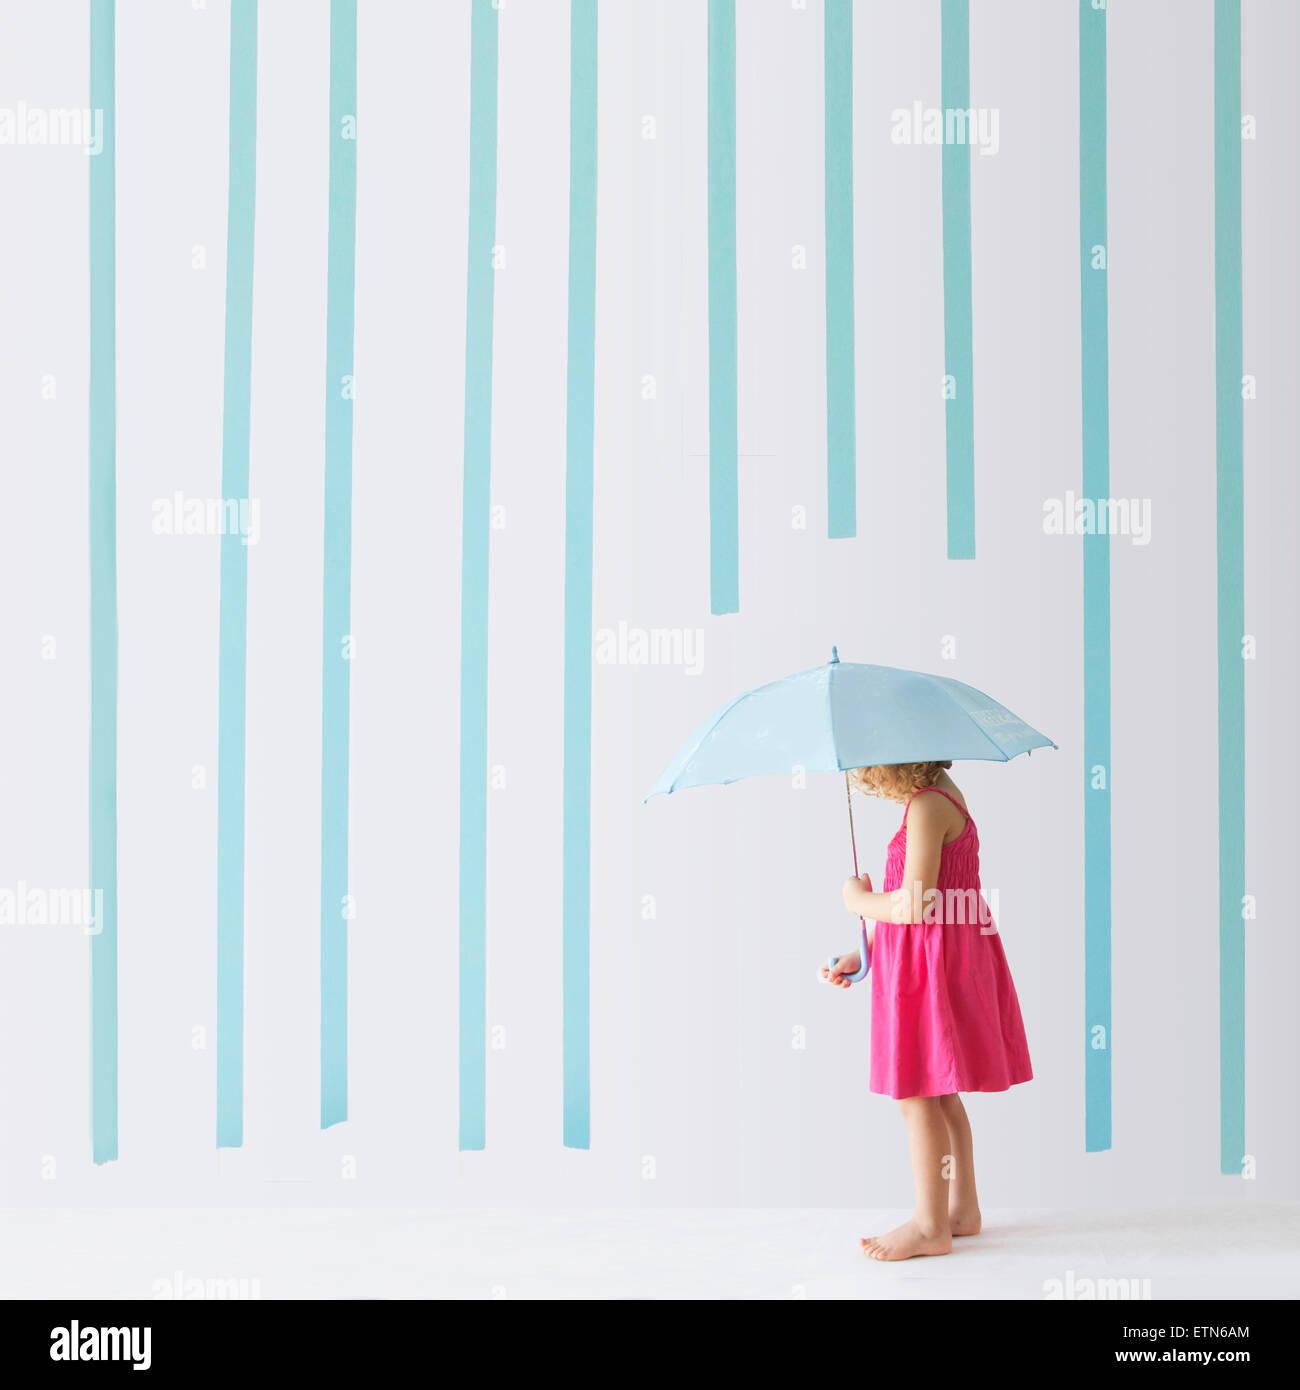 Ragazza con un ombrello in piedi sotto la pioggia ha fatto di strisce Immagini Stock